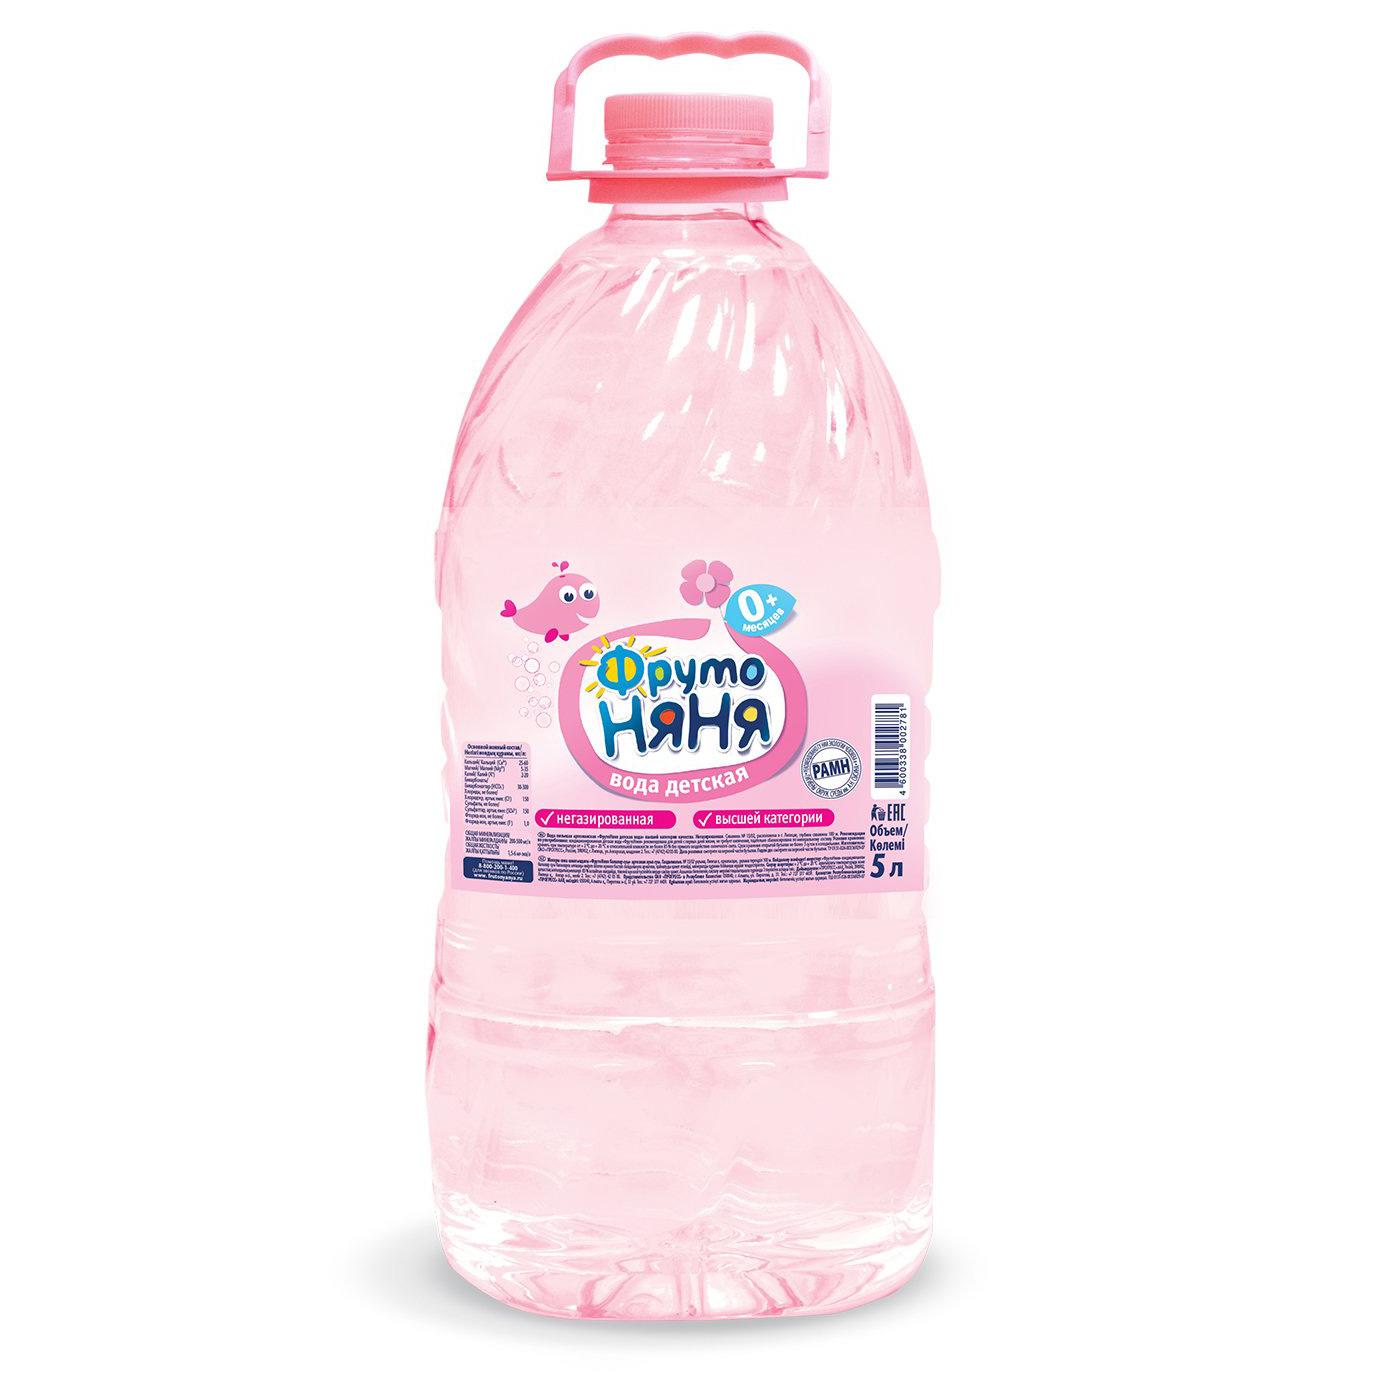 ledenev вода питьевая негазированная 1 5 л Вода ФрутоНяня артезианская питьевая негазированная с 0 месяцев 5 л